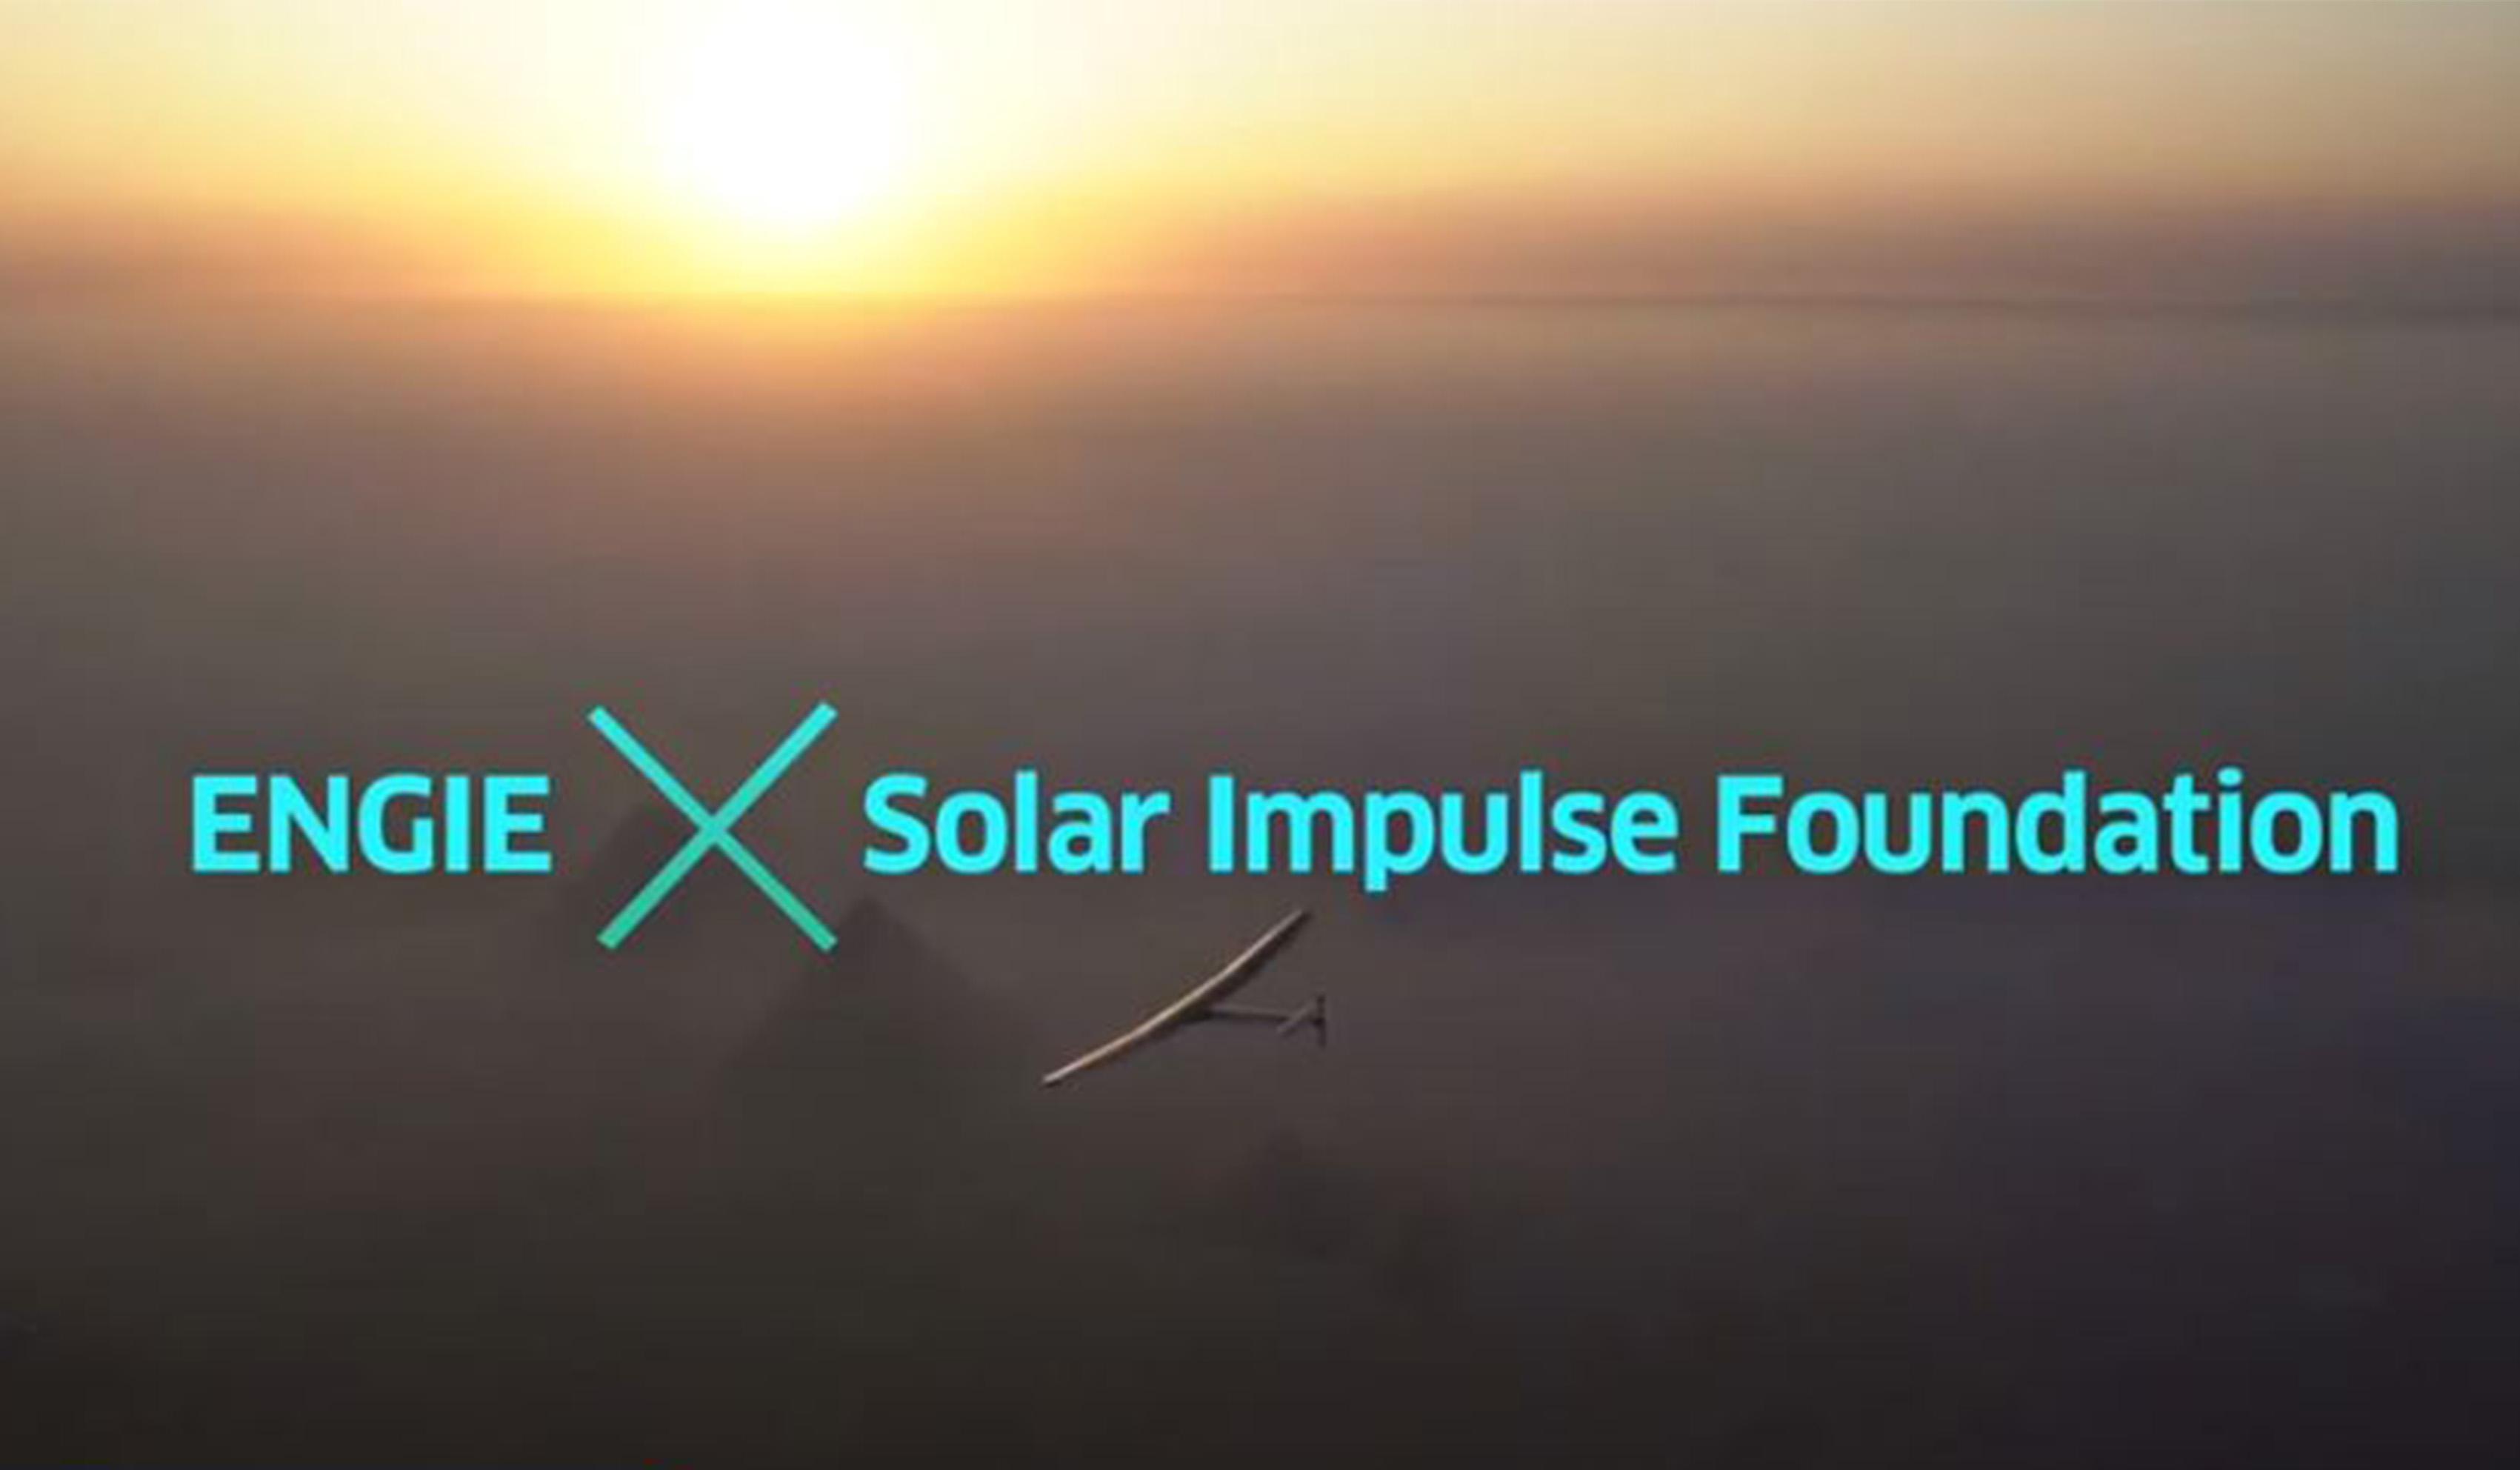 La Fondation Solar Impulse s'implique dans les Trophées Innovation ENGIE